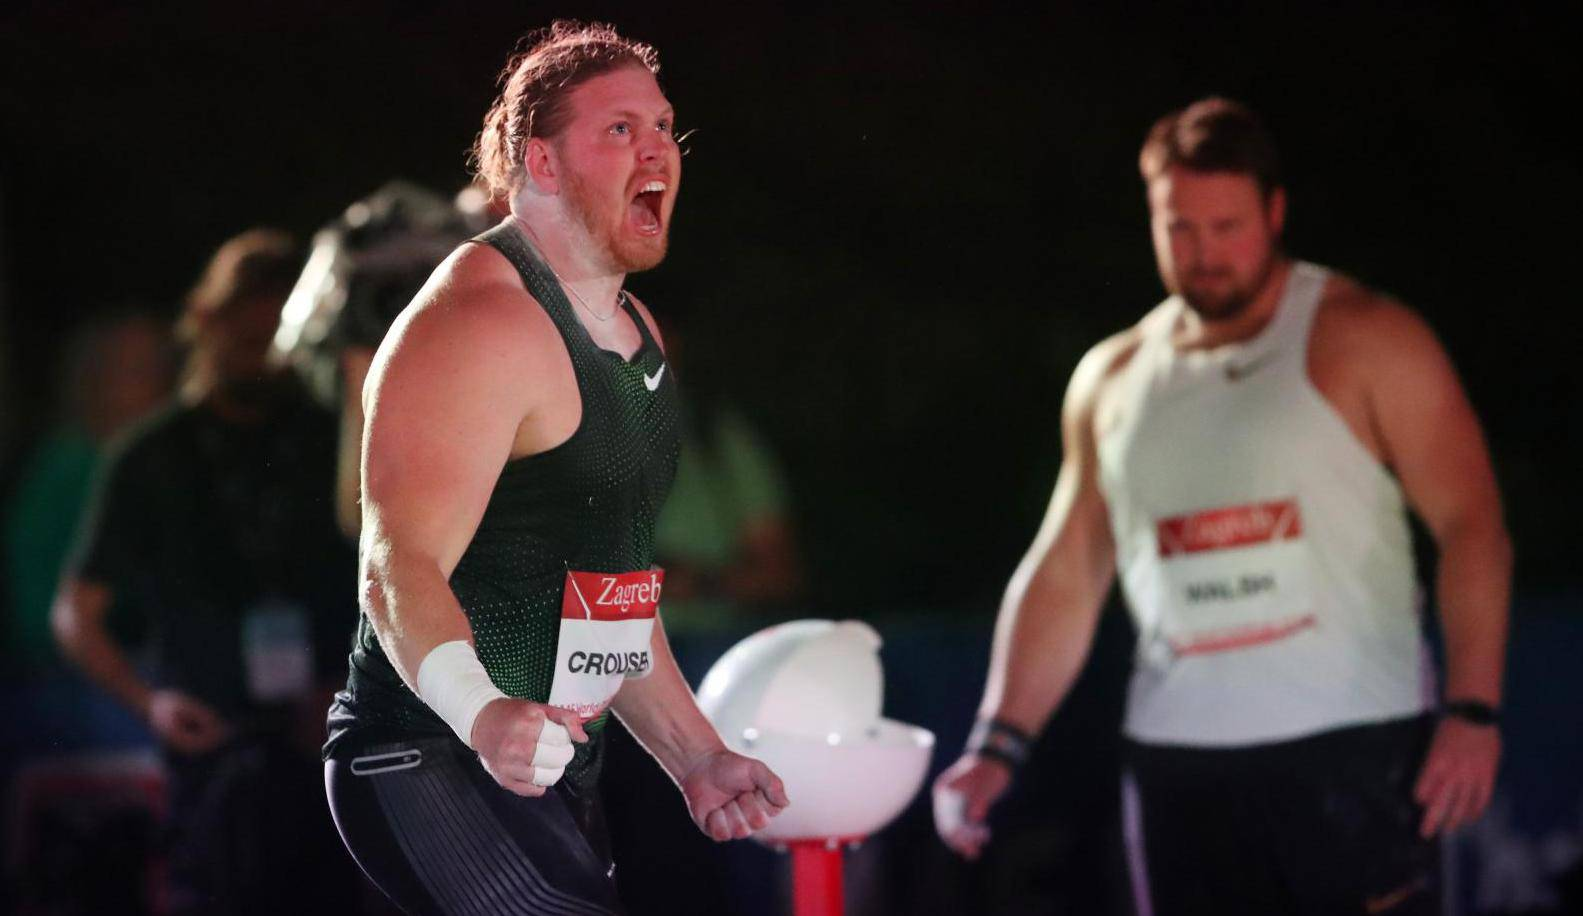 Opet sama elita na fontanama: Stižu olimpijski i svjetski prvak